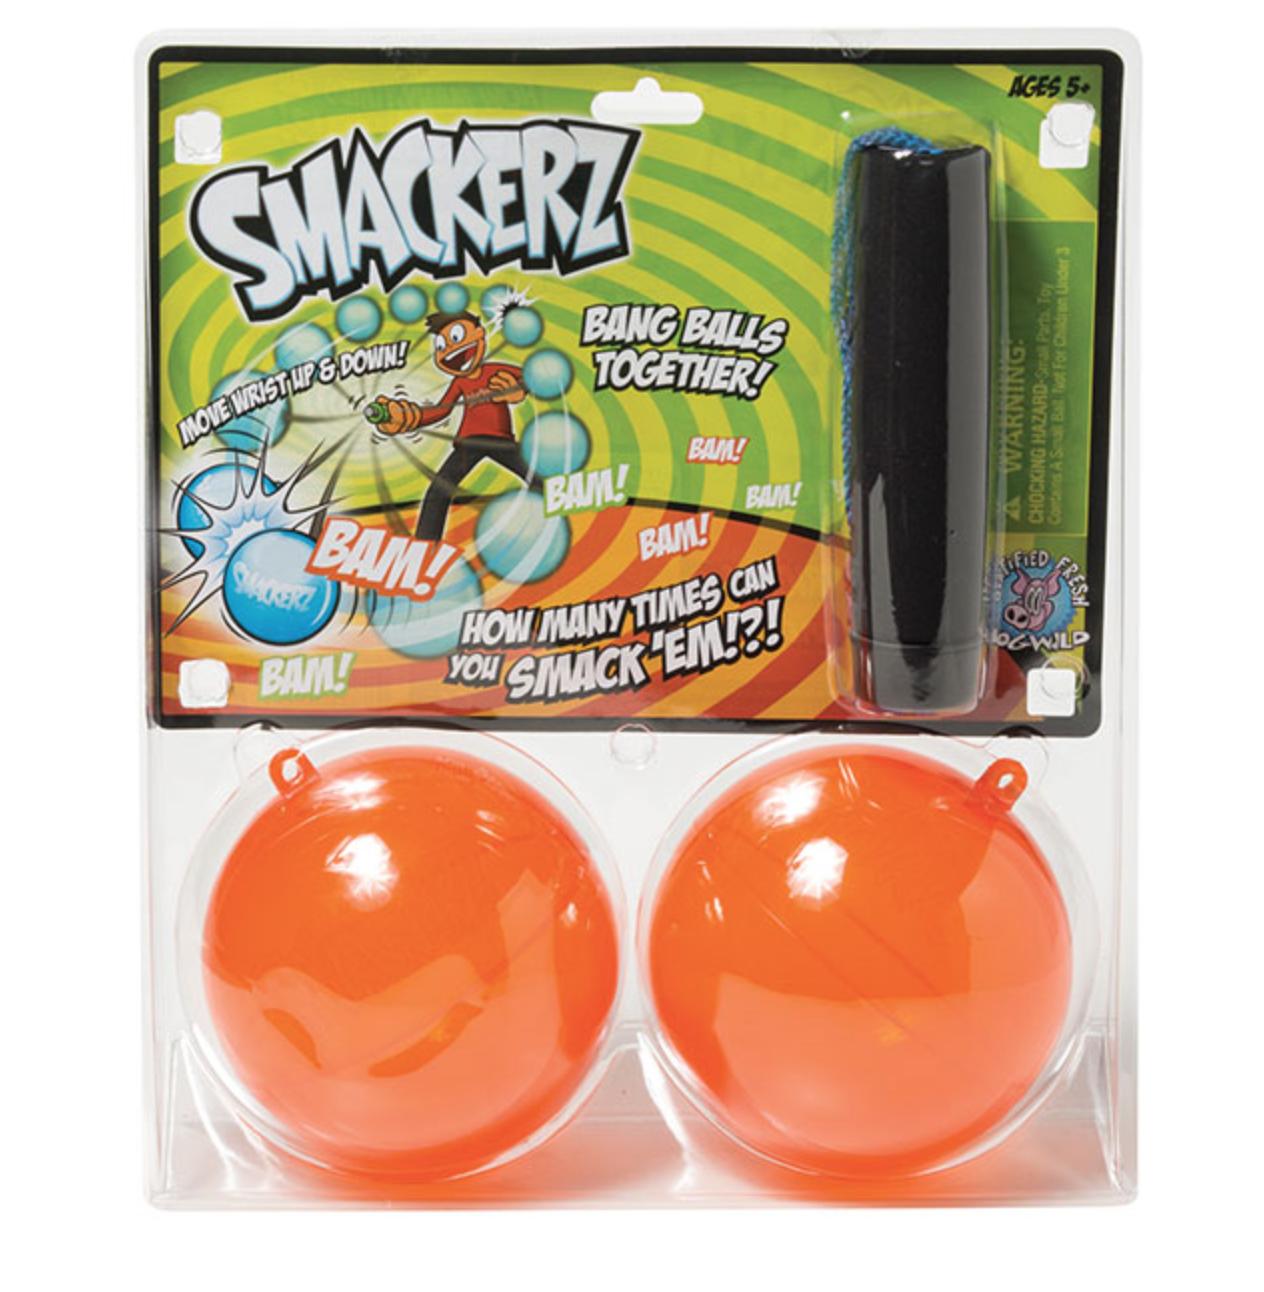 Smackerz